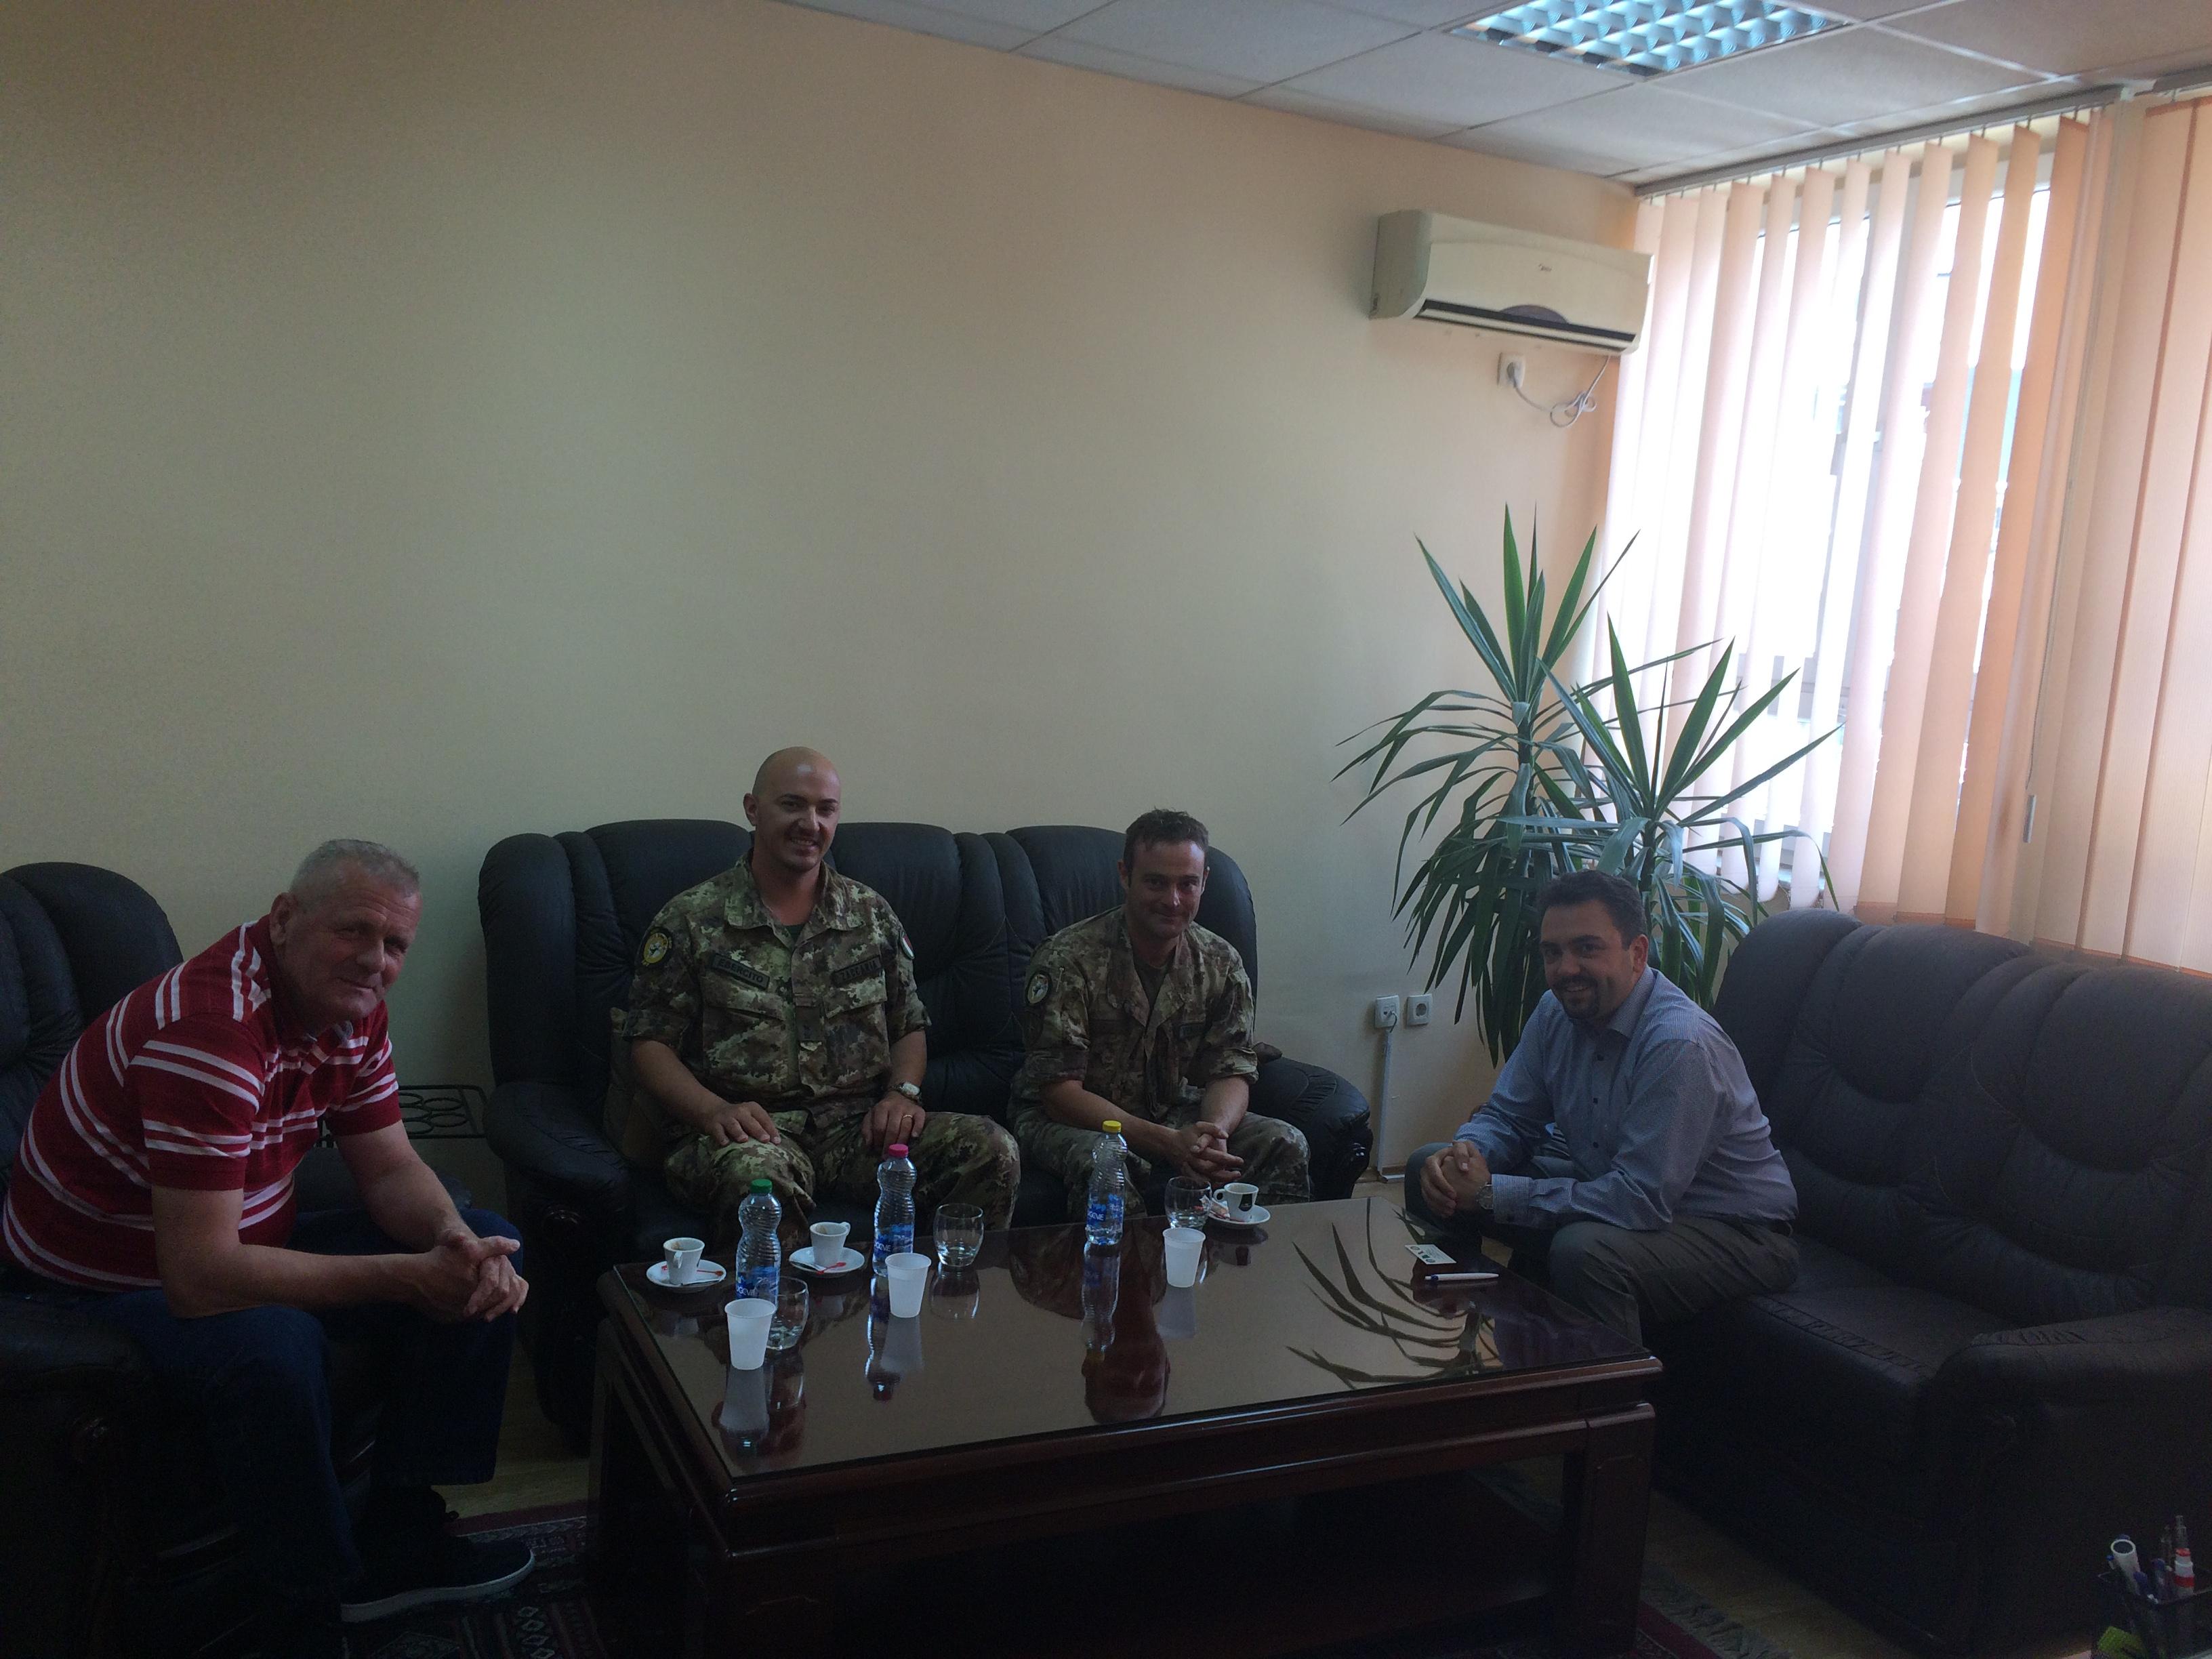 Kryetari Radoniqi pret në takim komandantin e ri  të Kfor-it Angelo Zaccaria